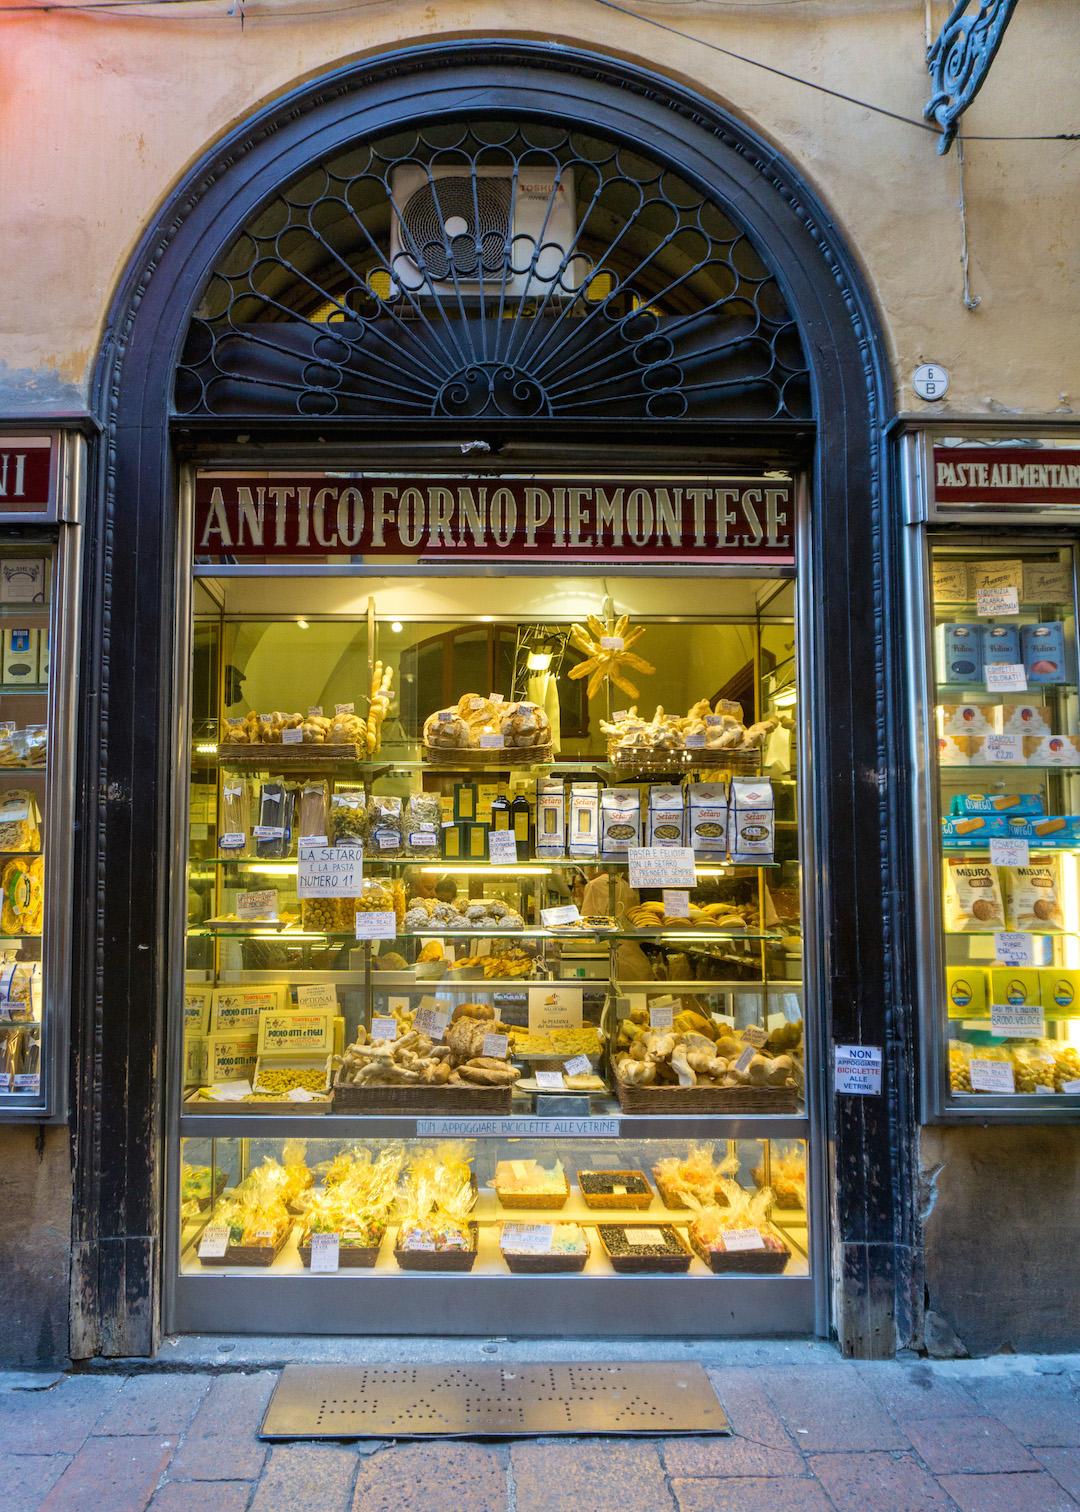 Her_Travel_Edit_Bologna_Antico_Forno_Piemontese